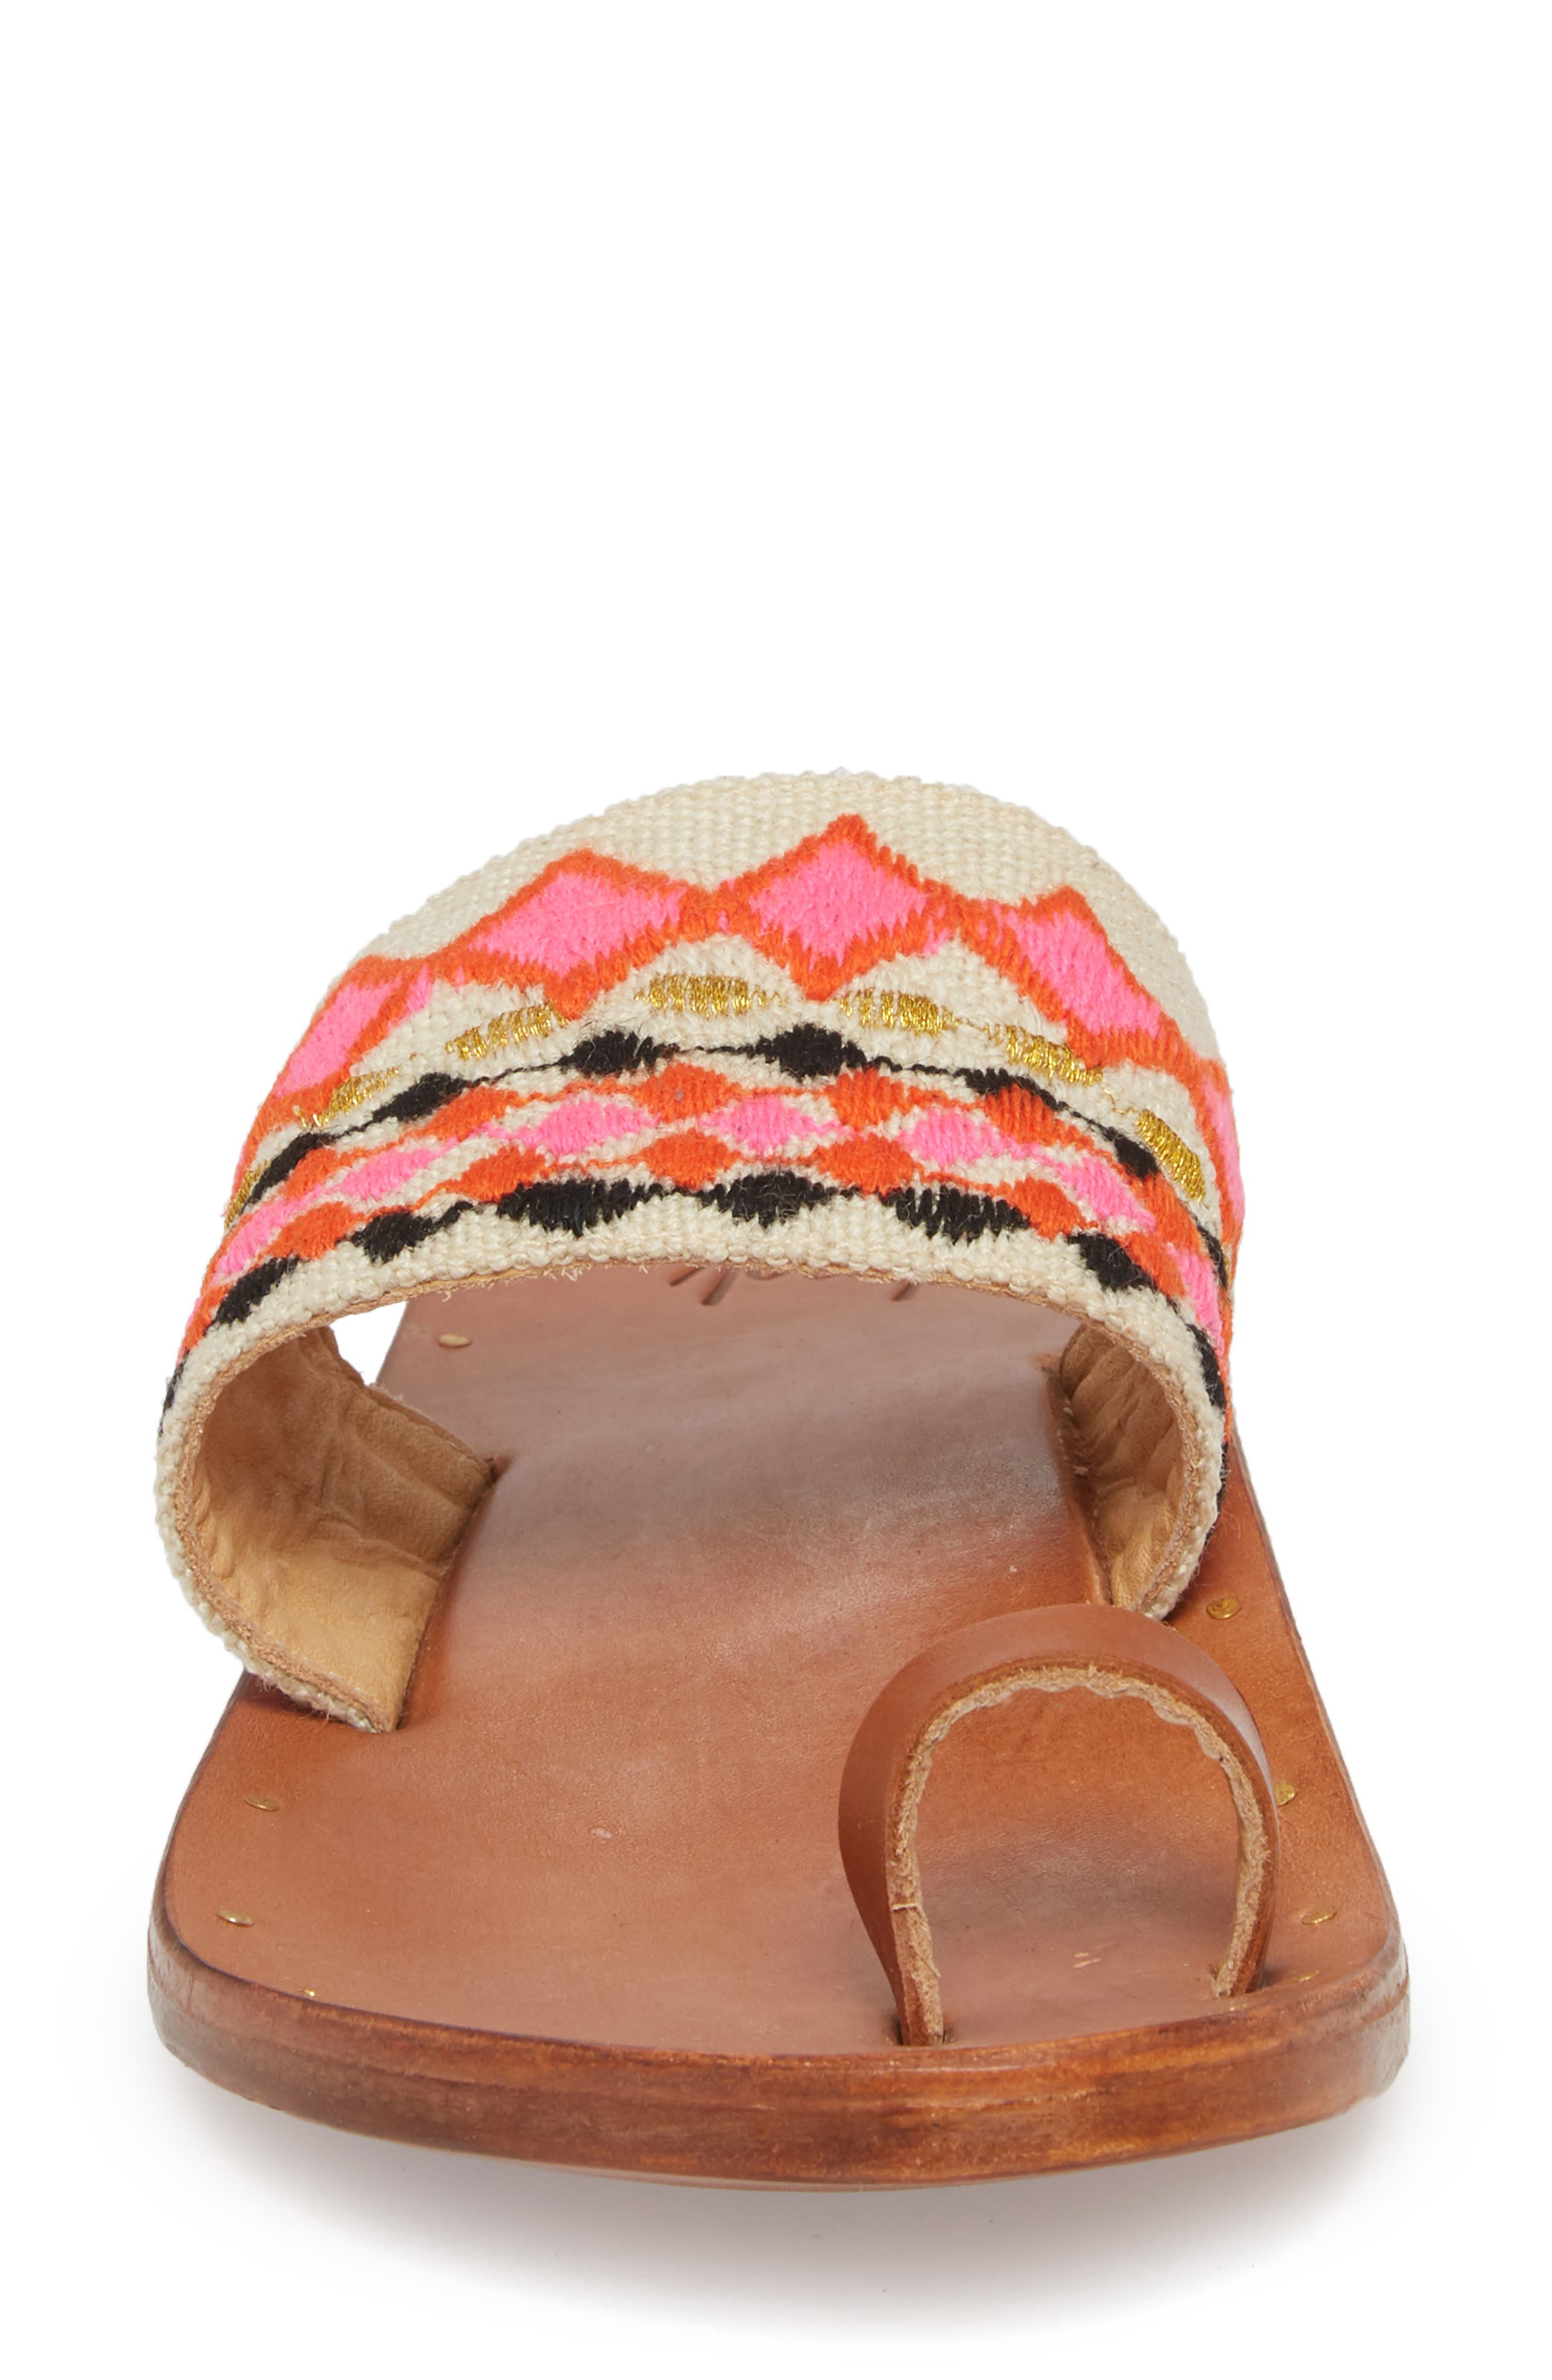 Dove Sandal,                             Alternate thumbnail 4, color,                             Fuschia Multi/ Tan